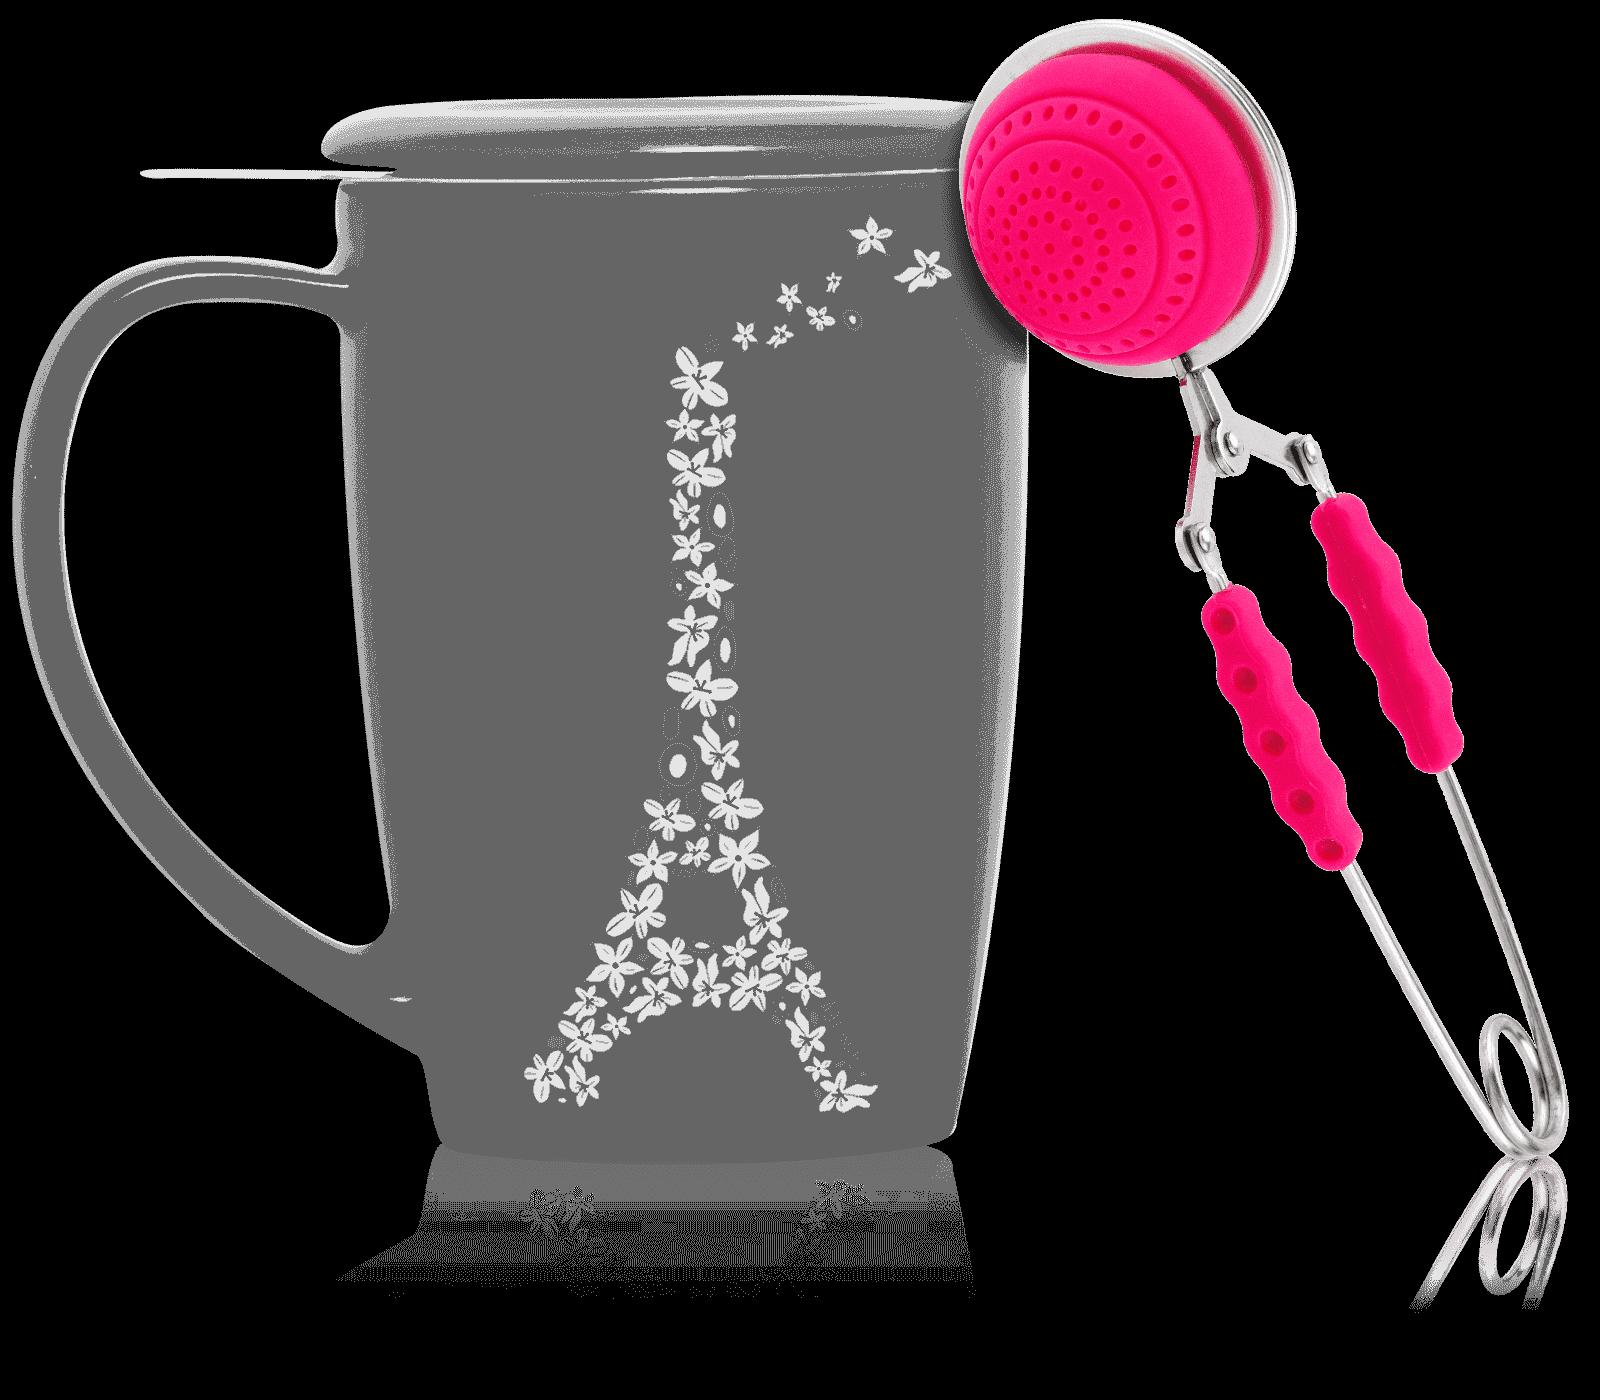 Pince à thé - Accessoire pour le thé - Kusmi Tea